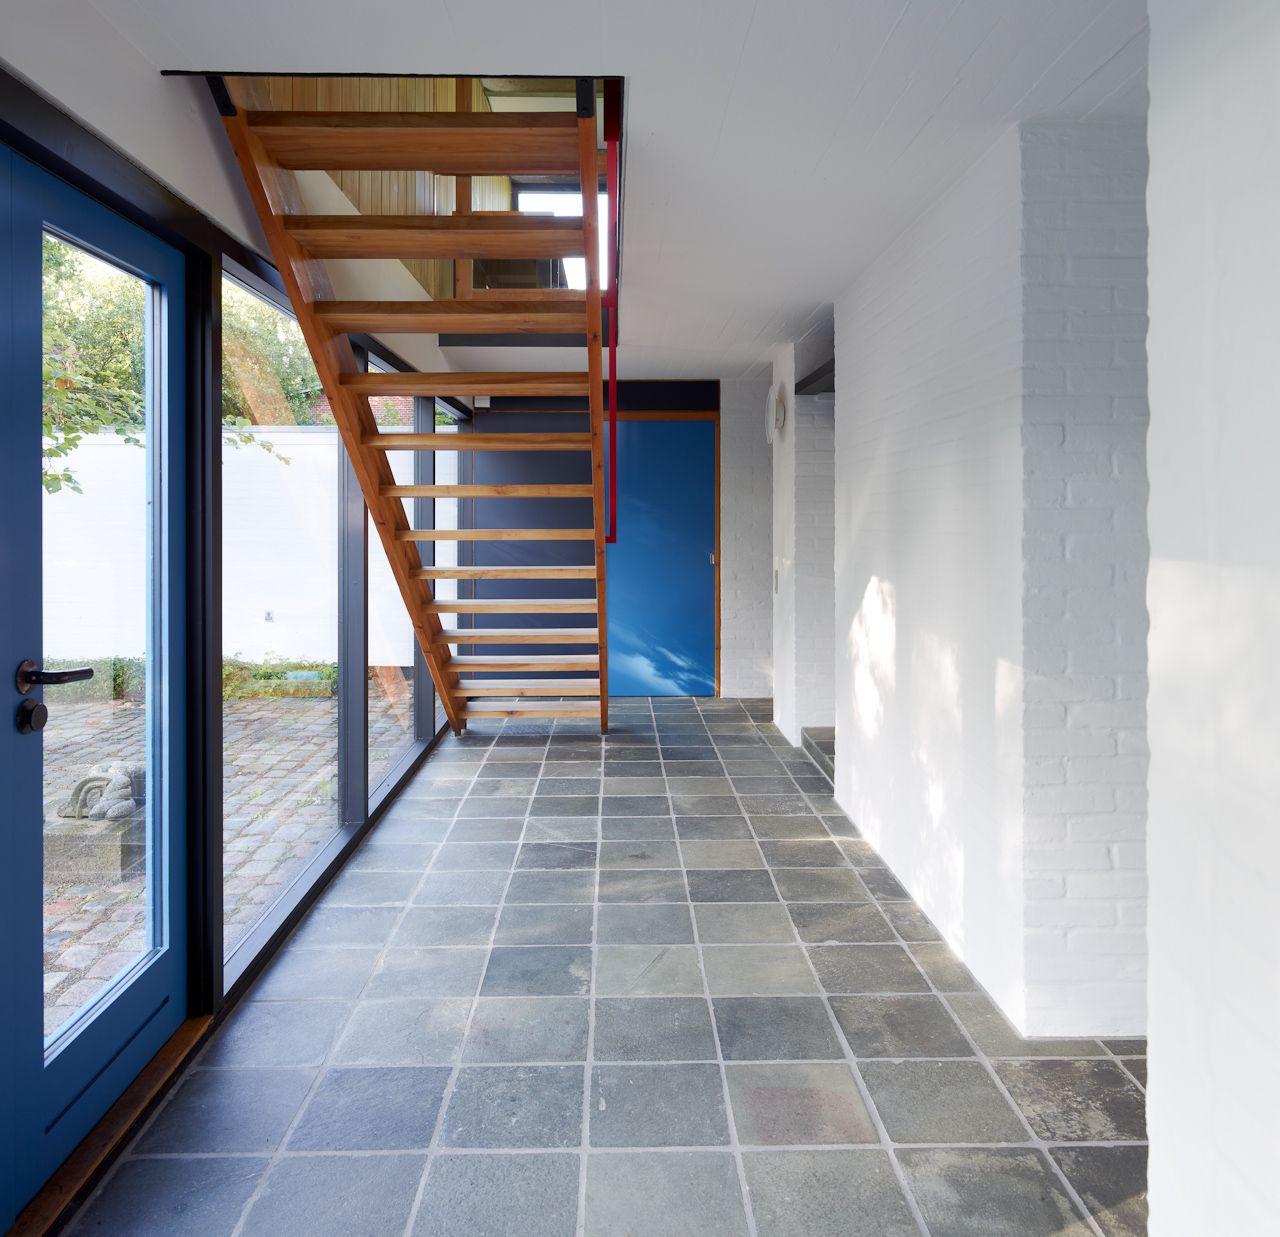 Arkitekt Knud Friis byggede villaen til sig selv og sin familie i 1958 med udvidelse i 1970. Huset afspejler mange af de holdninger og greb, som findes i Friis & Moltkes arkitektur og ligger på en naturskøn grund nær Aarhus.